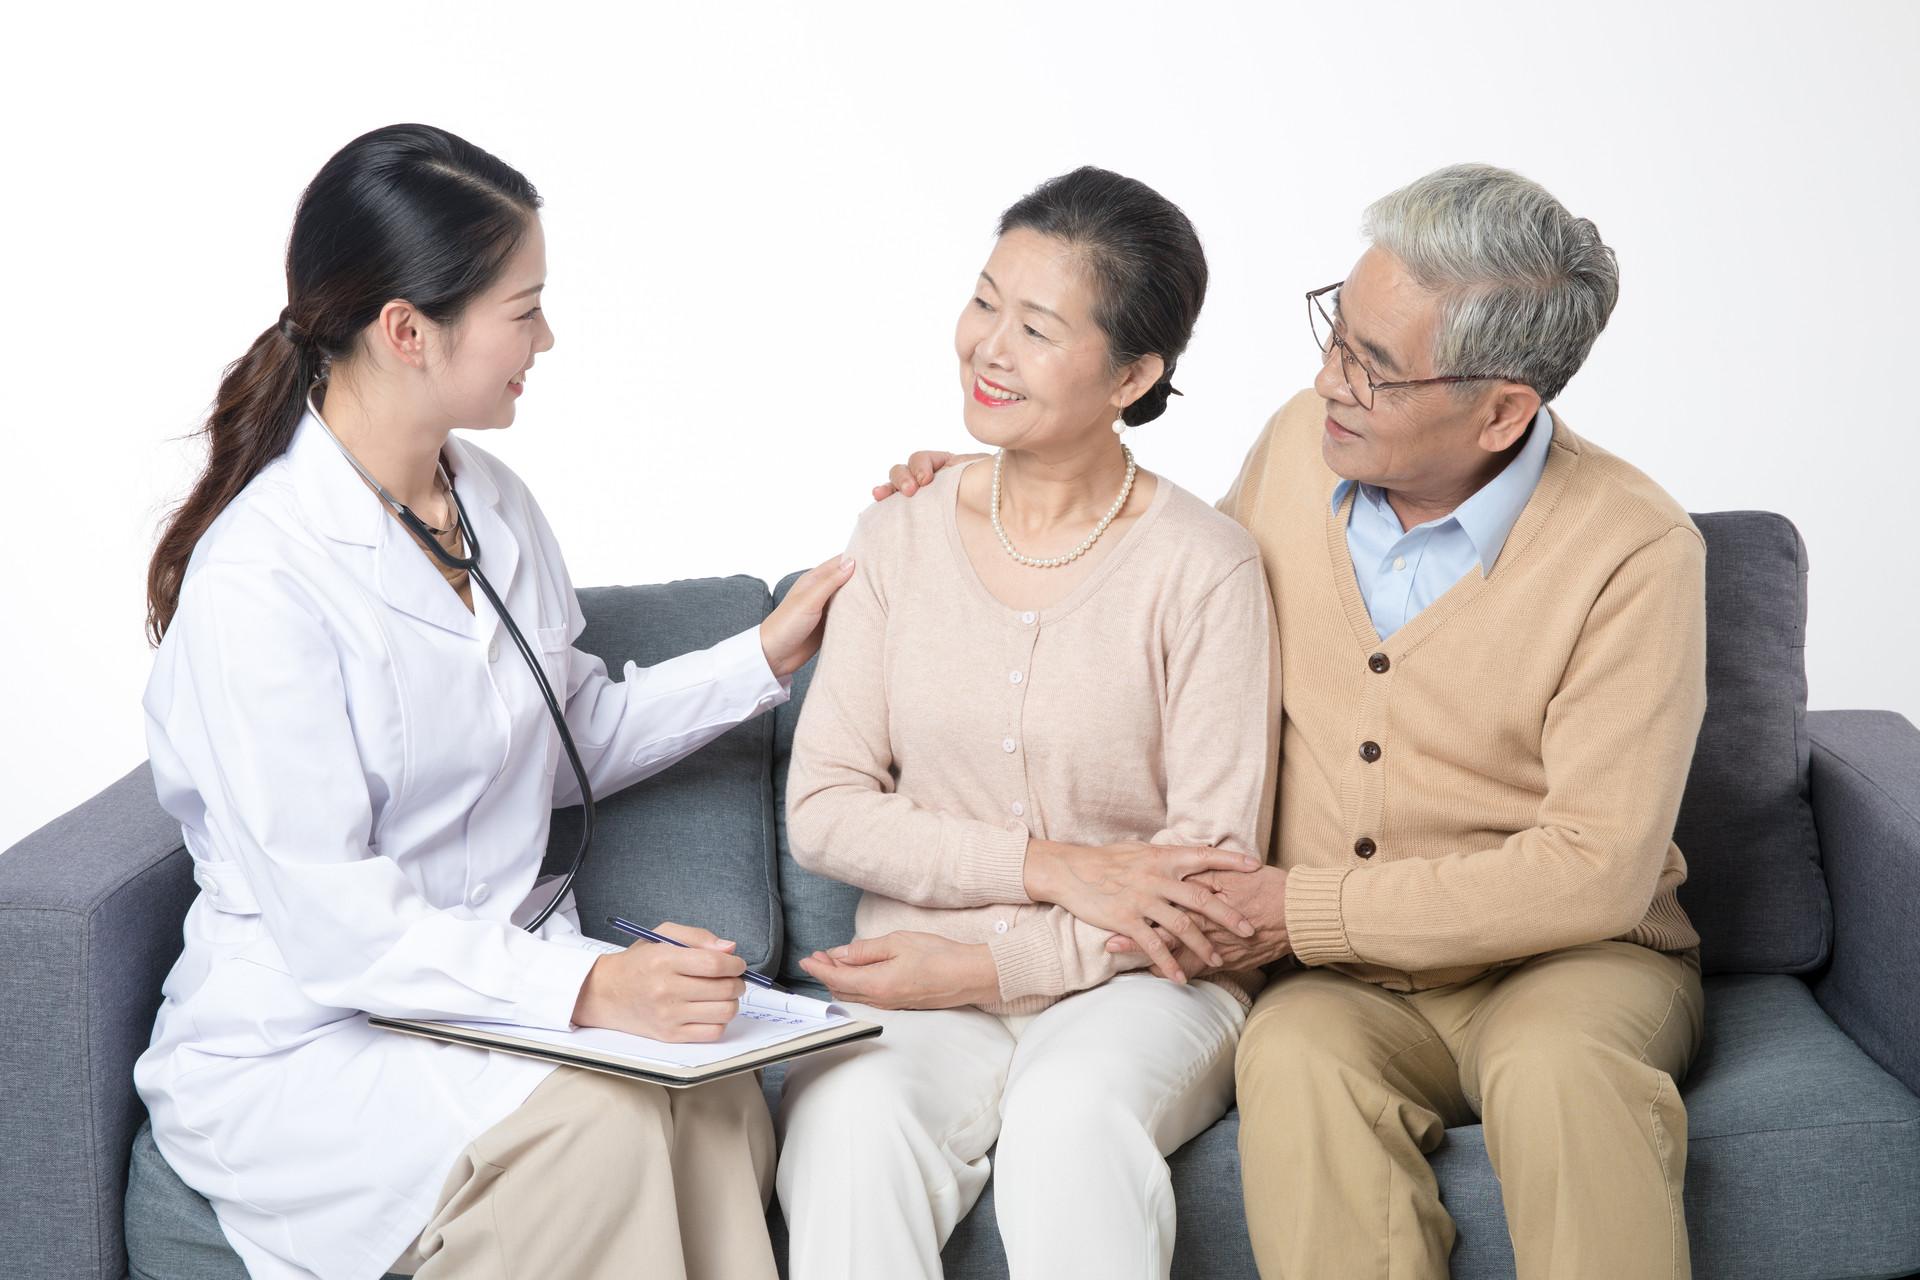 胸闷气短是什么原因?胸闷气短的中医治疗药是什么?